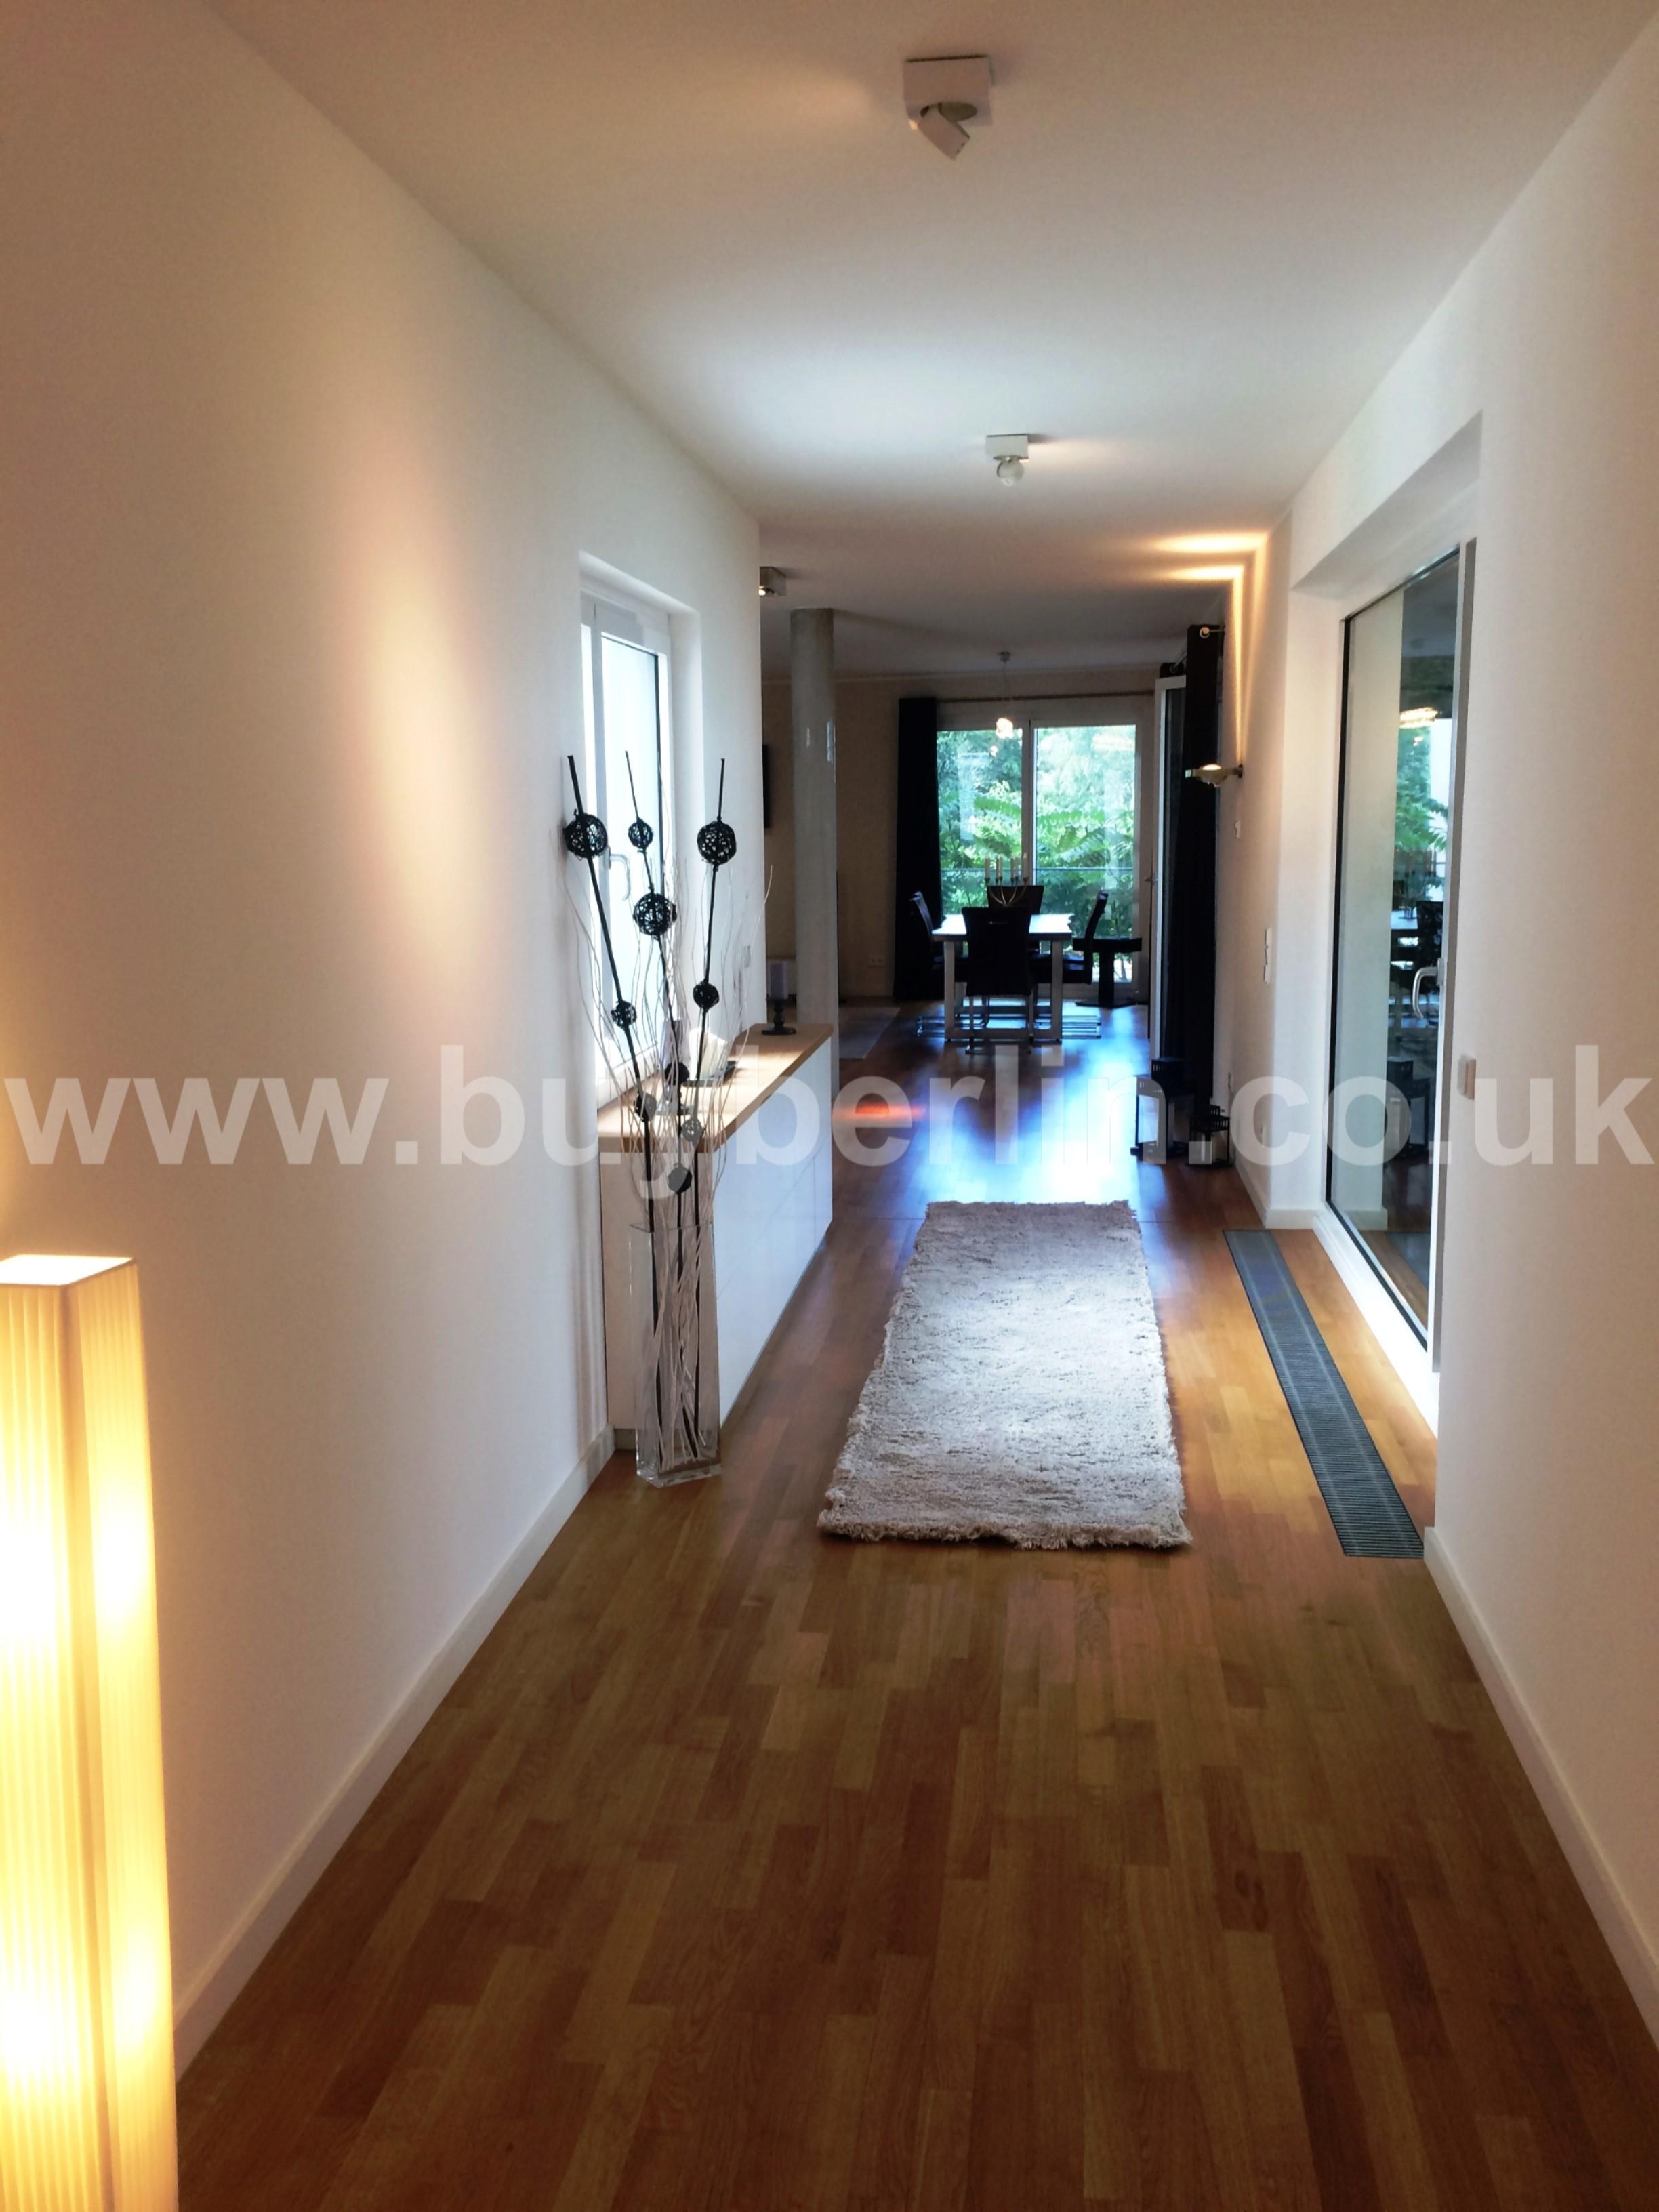 Luxury 2 Bedroom Apartment Mitte Buyberlin